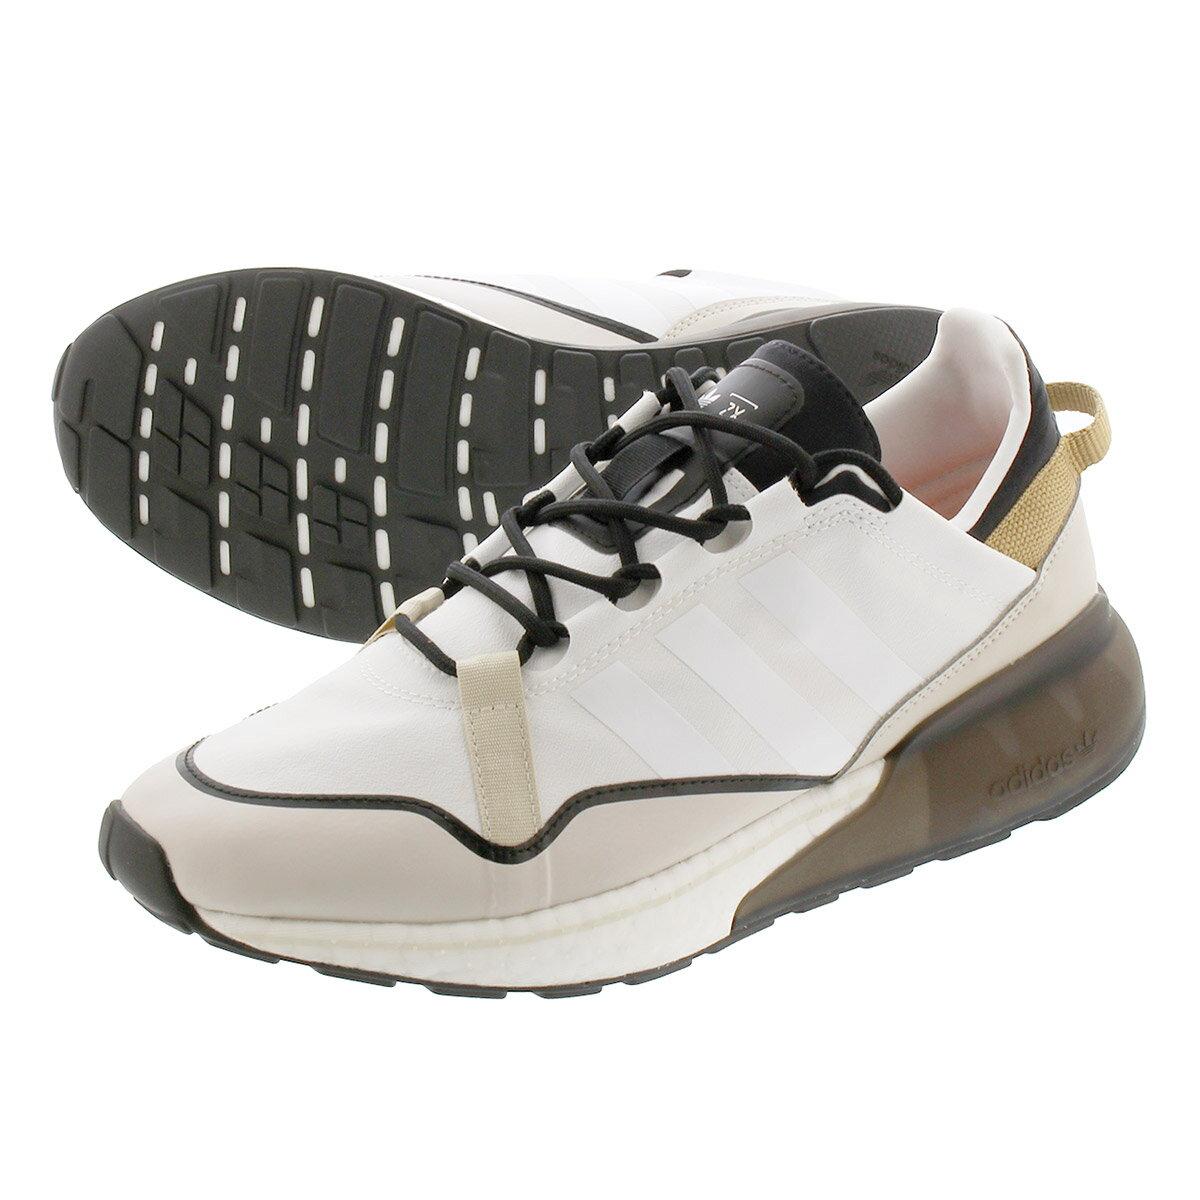 メンズ靴, スニーカー  adidas ZX 2K BOOST PURE 2K FTWR WHITECLEAR BROWNCARDBOARD g57962